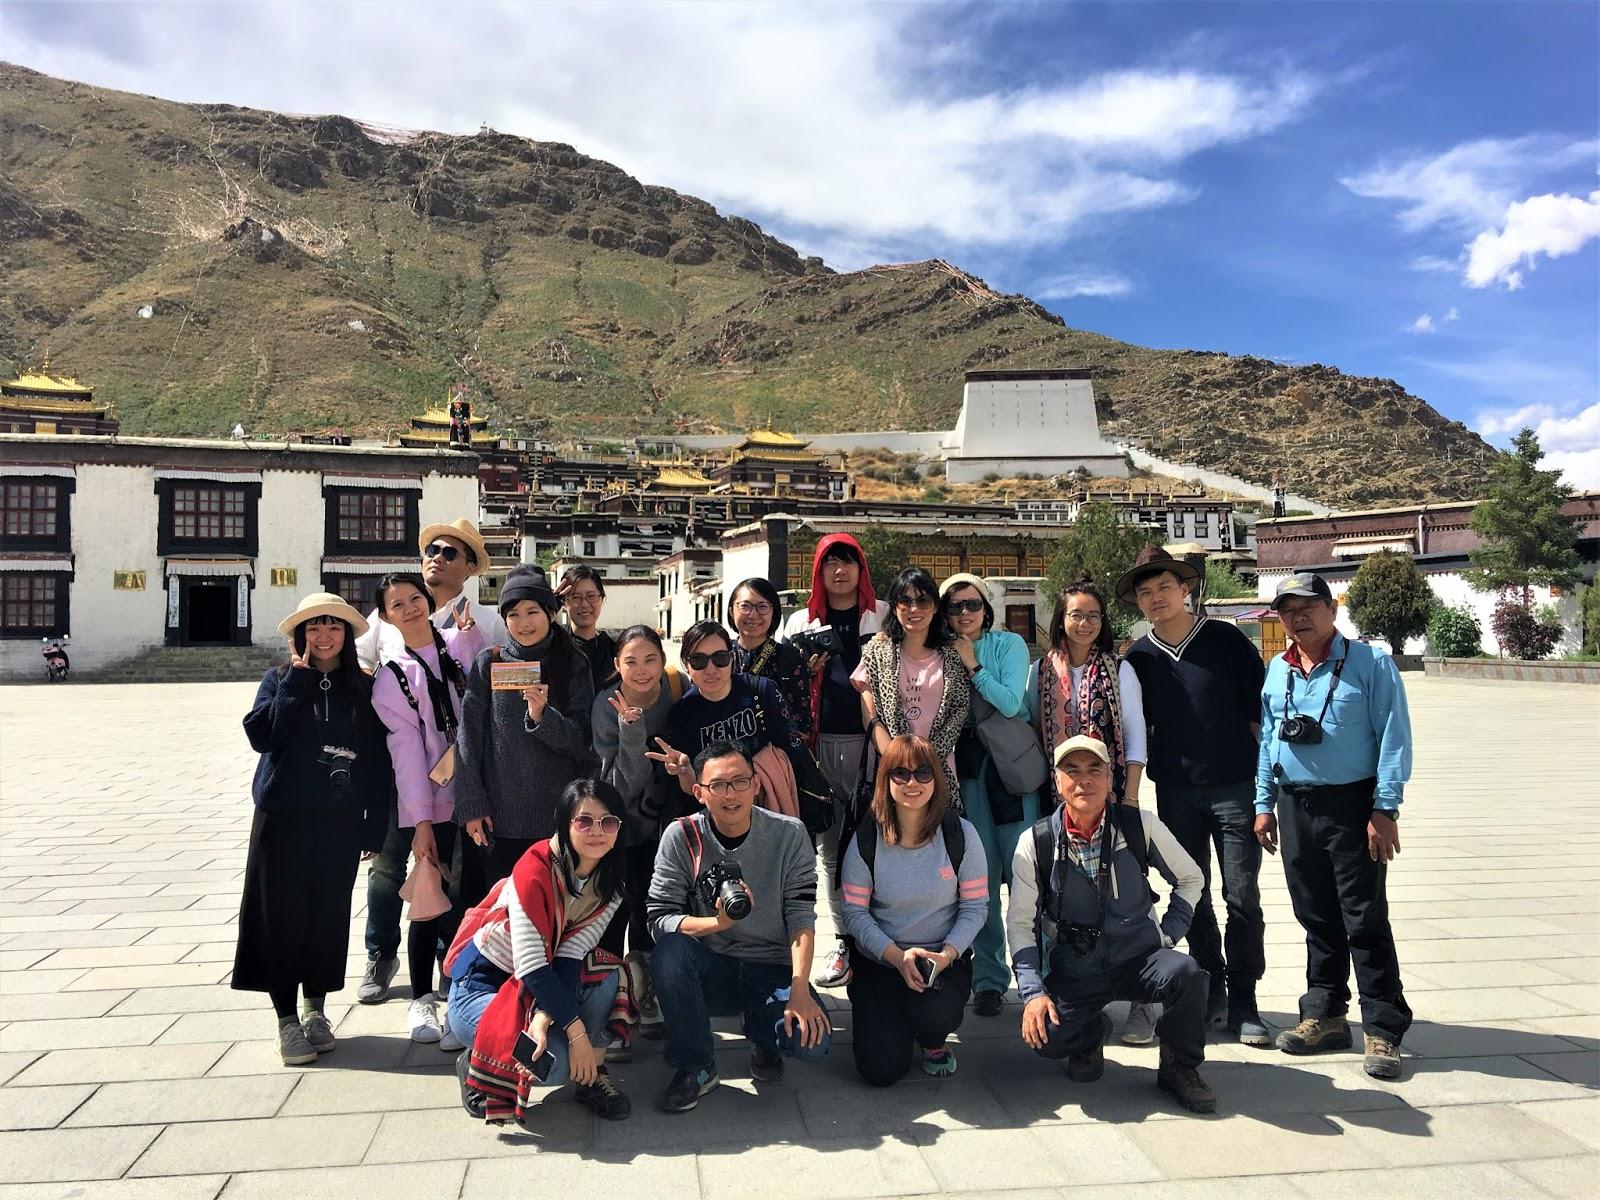 夢迴西藏推薦好評-201906   專業西藏旅遊服務。值得推薦的西藏旅行社-夢迴西藏